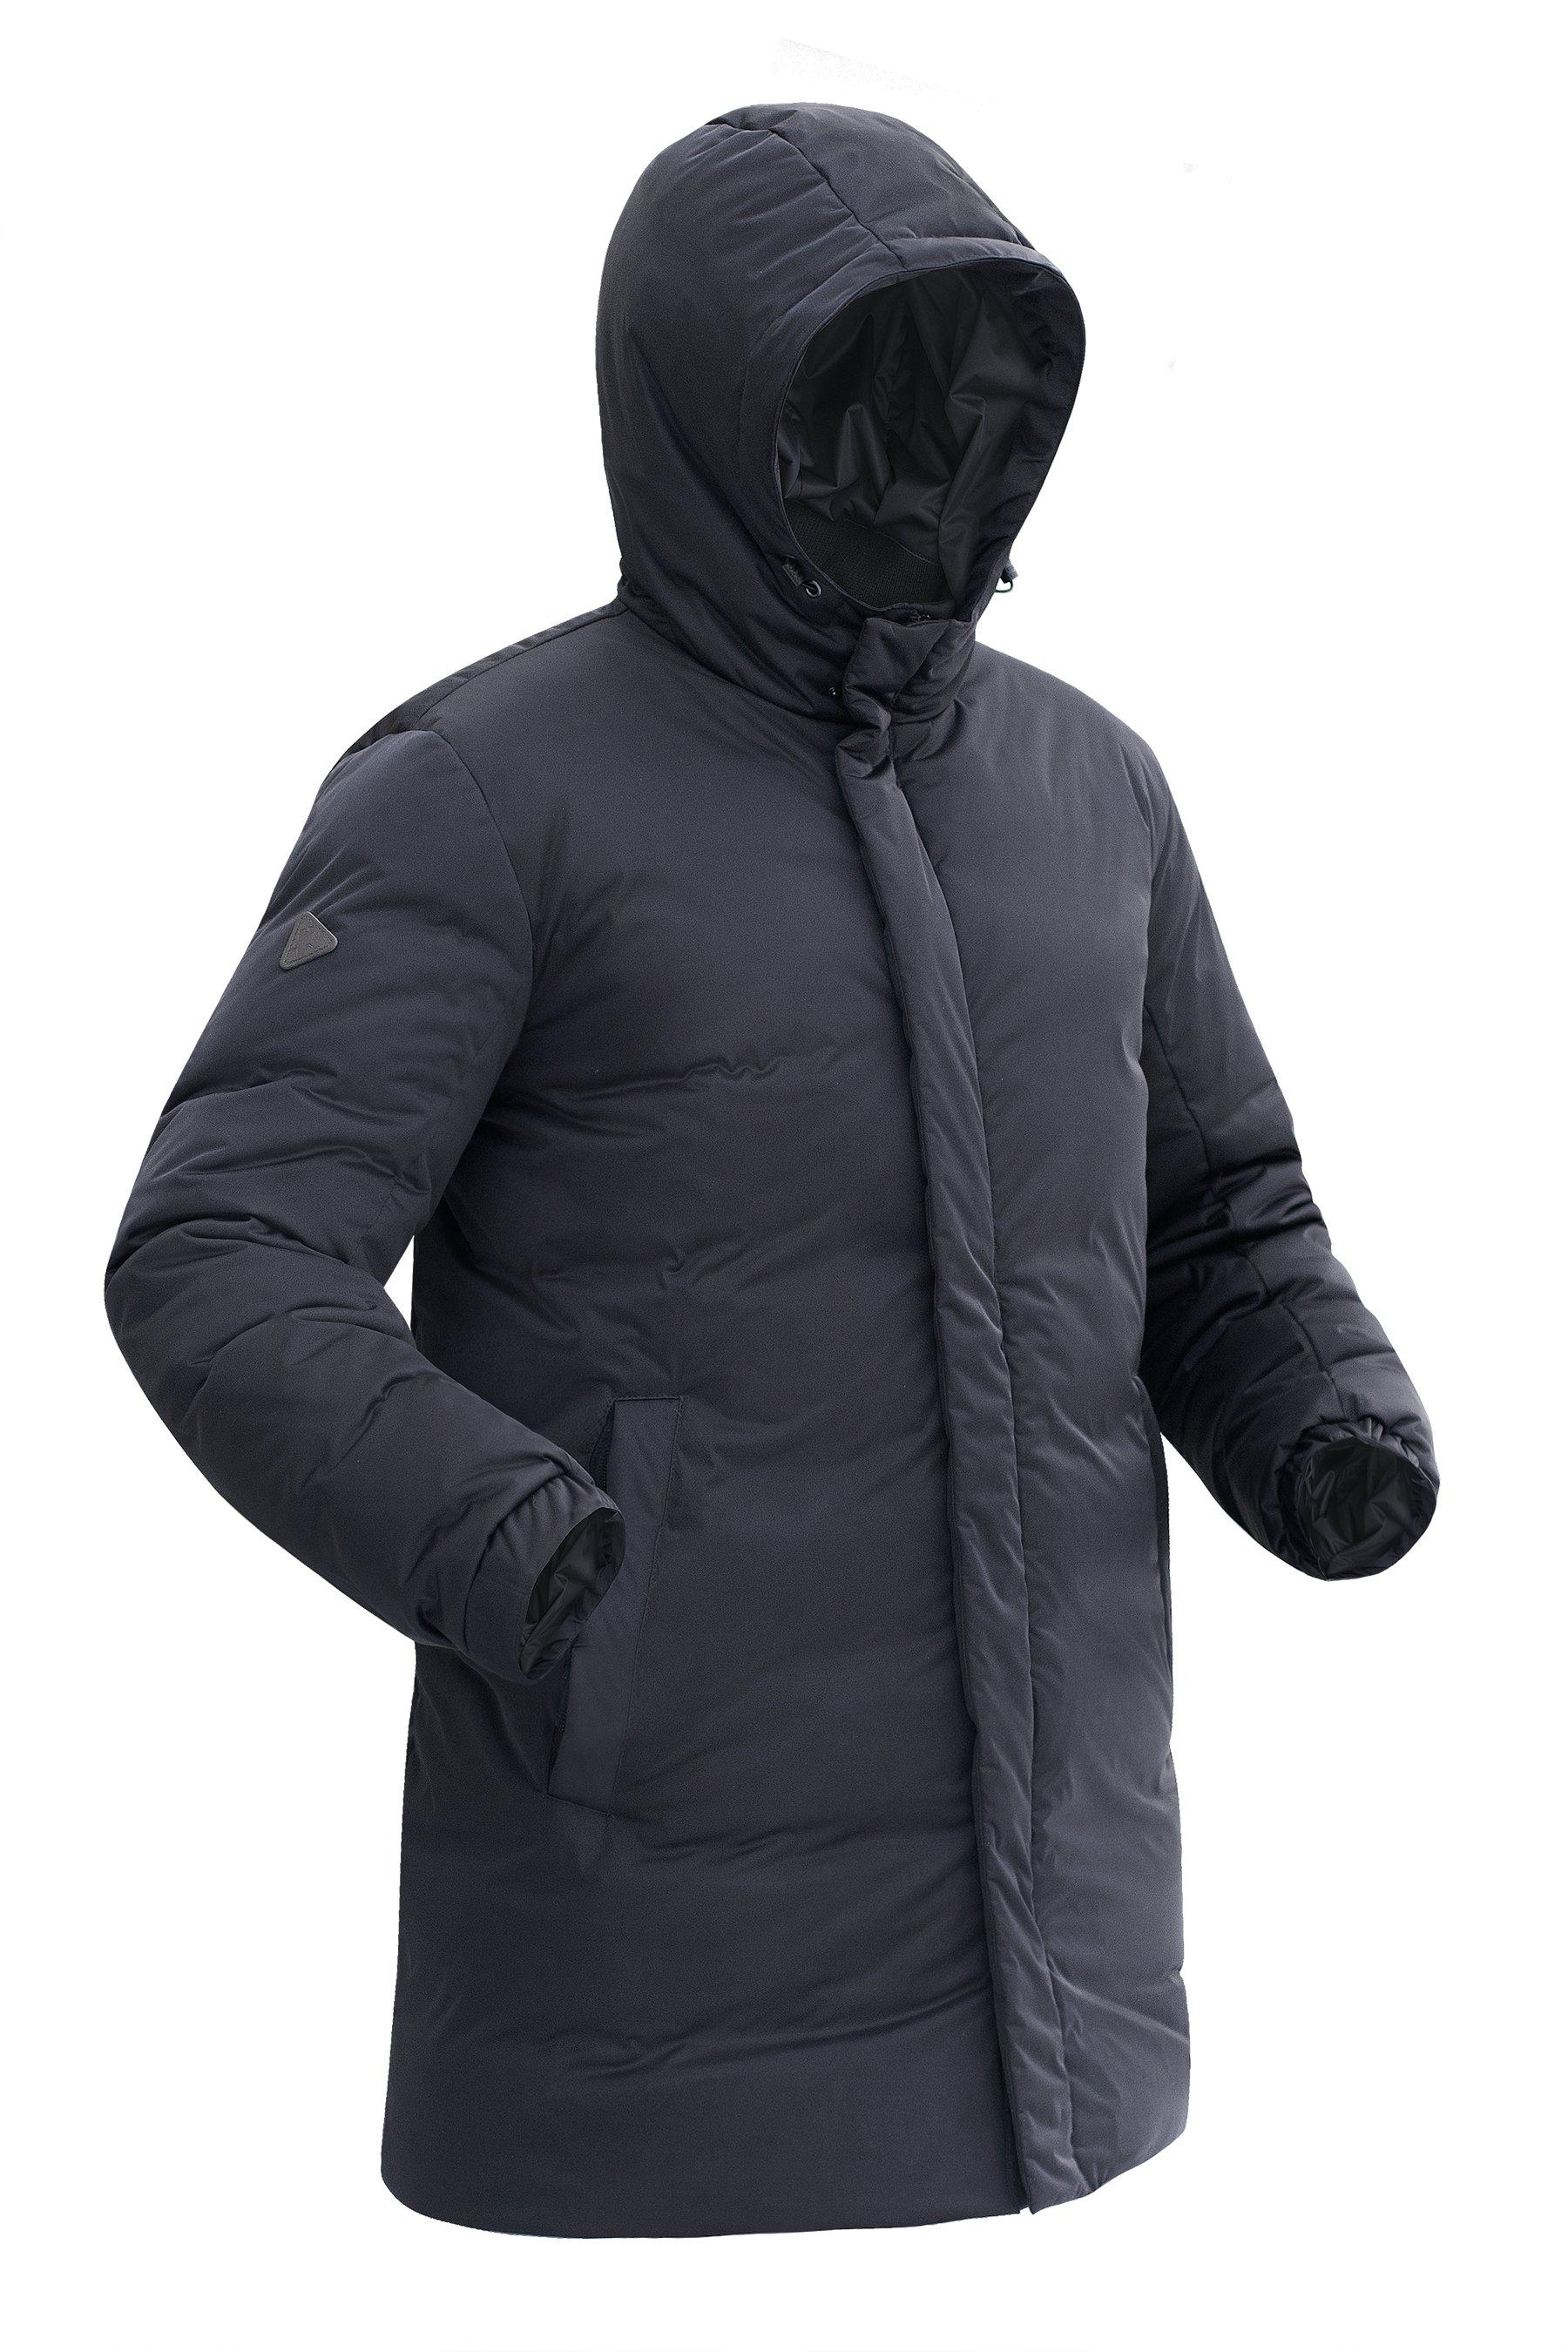 Пуховая куртка BASK ICEBERG LUX 5451Удлинённая городская куртка классического кроя из мягкой эластичной мембранной ткани Advance&amp;reg; Lux, утеплённая высококачественным гусиным пухом.<br><br>Верхняя ткань: Advance® Lux<br>Вес граммы: 950<br>Ветро-влагозащитные свойства верхней ткани: Нет<br>Ветрозащитная планка: Да<br>Ветрозащитная юбка: Нет<br>Влагозащитные молнии: Нет<br>Внутренние манжеты: Нет<br>Внутренняя ткань: Advance® Classic<br>Водонепроницаемость: 10000<br>Дублирующий центральную молнию клапан: Да<br>Защитный козырёк капюшона: Нет<br>Капюшон: несъемный<br>Карман для средств связи: Нет<br>Количество внешних карманов: 2<br>Количество внутренних карманов: 2<br>Мембрана: Advance® 2L<br>Объемный крой локтевой зоны: Нет<br>Отстёгивающиеся рукава: Нет<br>Паропроницаемость: 20000<br>Показатель Fill Power (для пуховых изделий): 700<br>Пол: Муж.<br>Проклейка швов: Нет<br>Регулировка манжетов рукавов: Да<br>Регулировка низа: Нет<br>Регулировка объёма капюшона: Да<br>Регулировка талии: Нет<br>Регулируемые вентиляционные отверстия: Нет<br>Световозвращающая лента: Нет<br>Технология Thermal Welding: Нет<br>Технология швов: простые<br>Тип молнии: двухзамковая<br>Тип утеплителя: натуральный<br>Усиление контактных зон: Нет<br>Утеплитель: гусиный пух<br>Размер RU: 46<br>Цвет: СИНИЙ